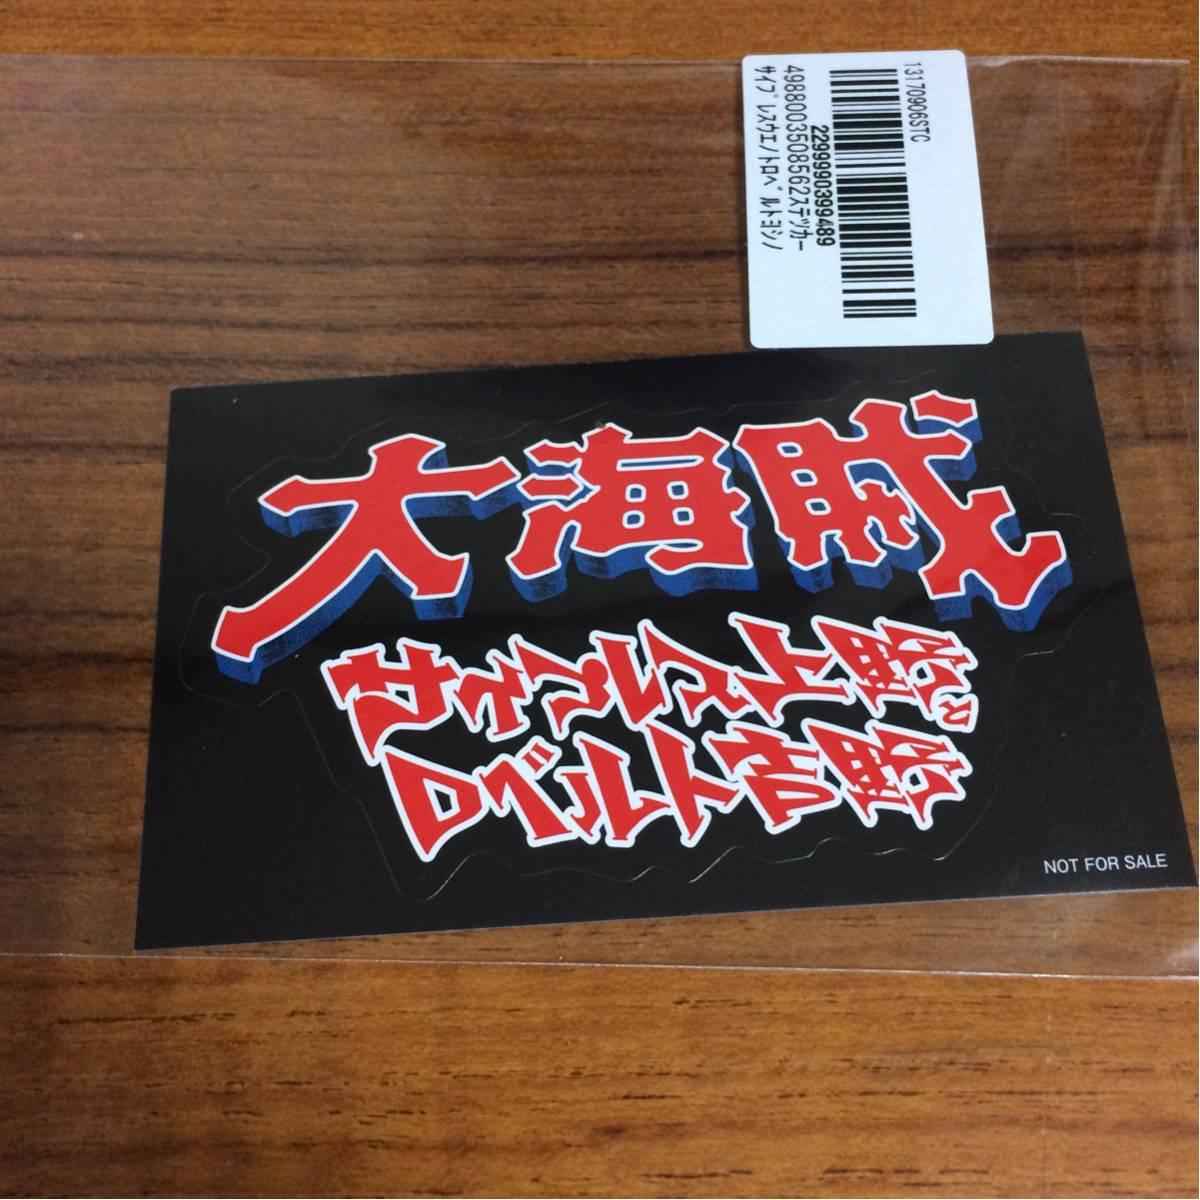 サイプレス上野とロベルト吉野 大海賊 特典ステッカー 1枚